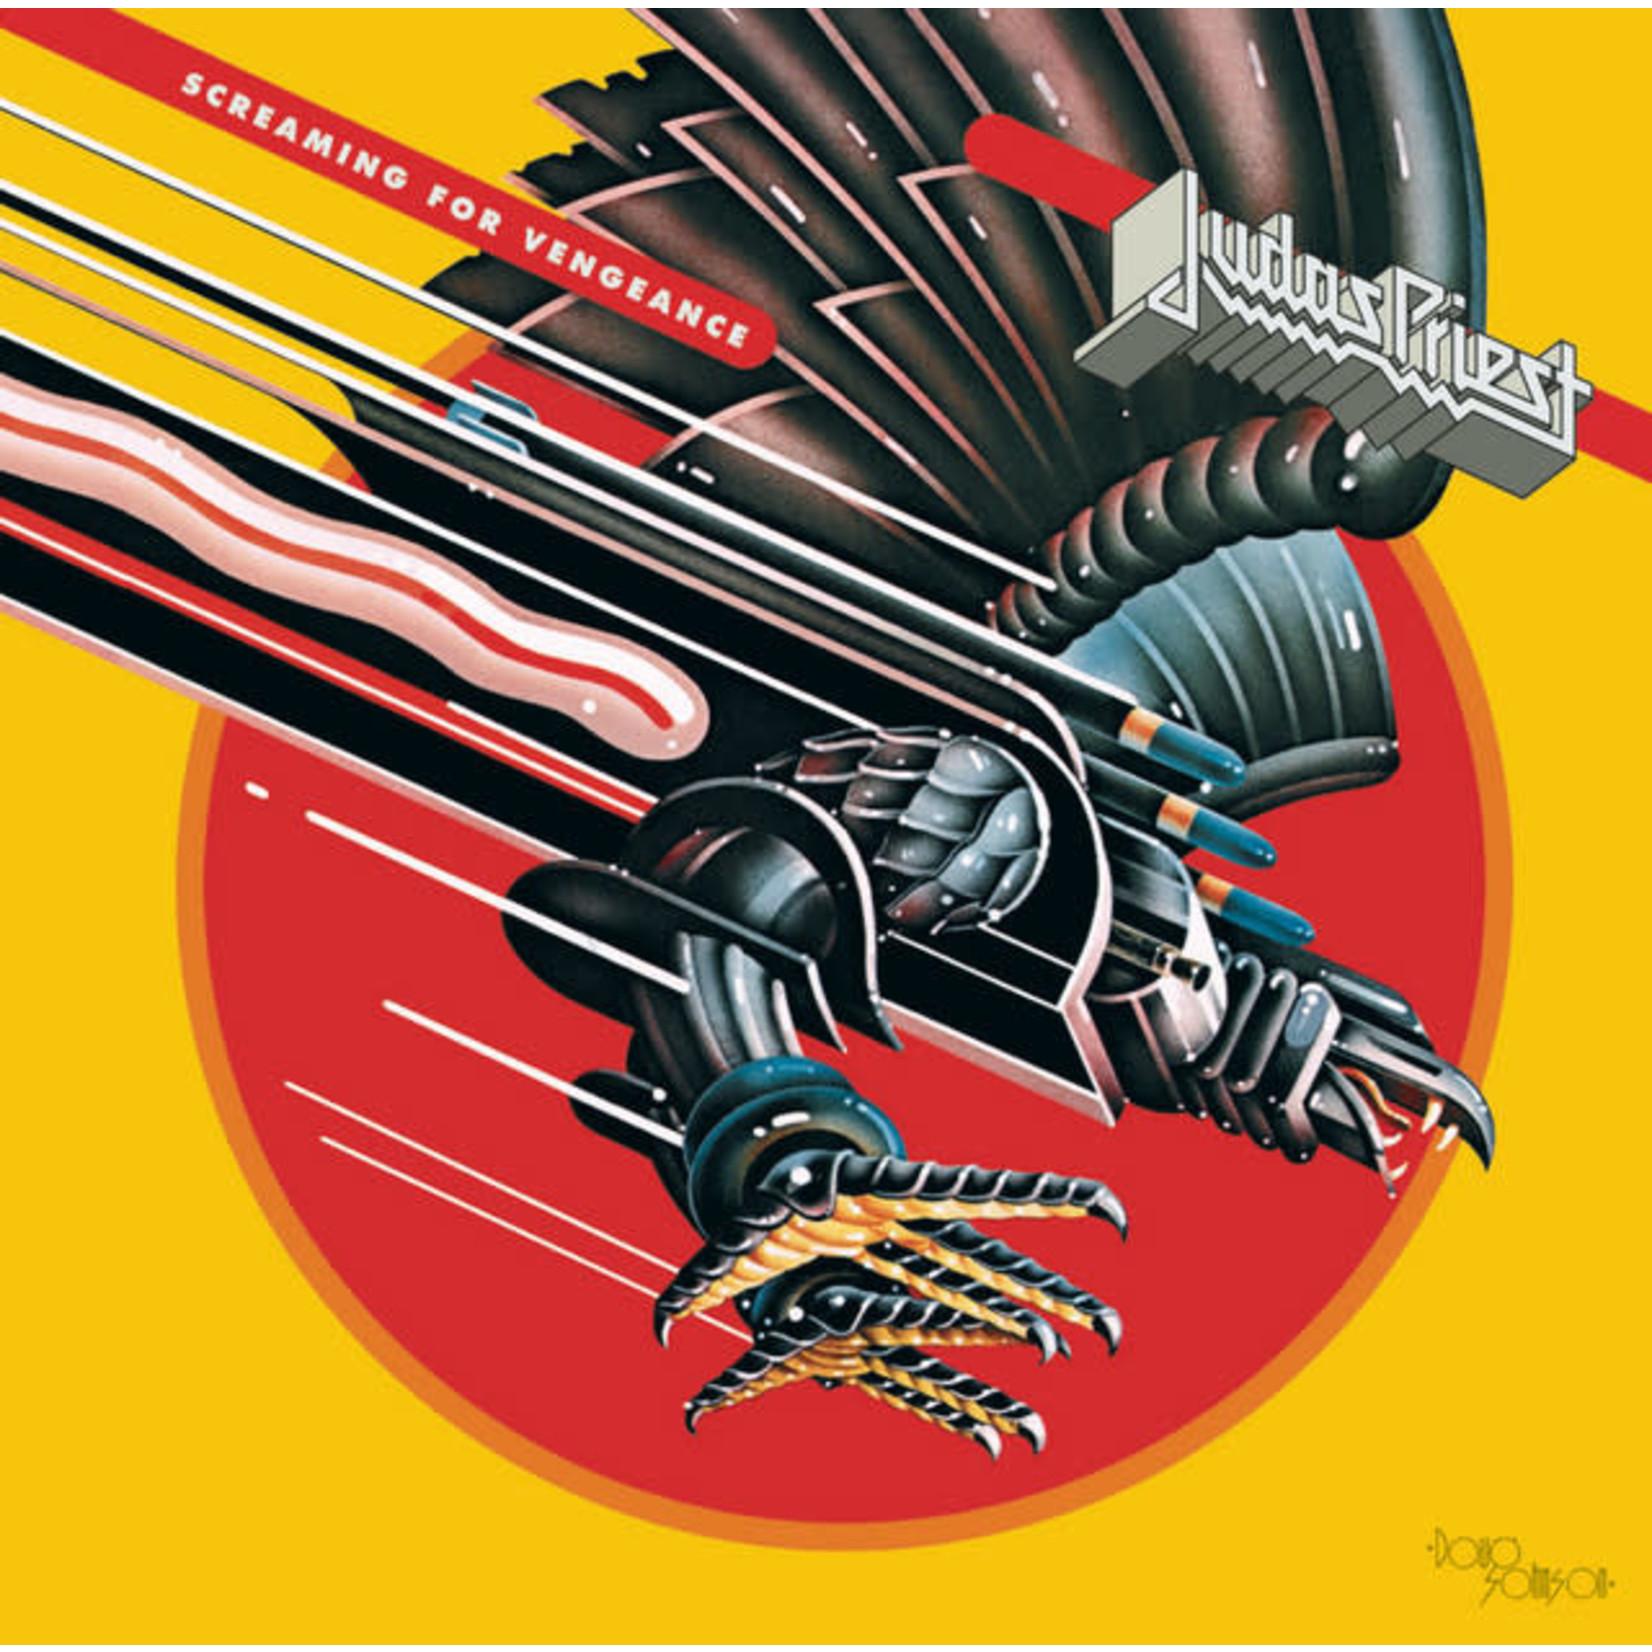 Vinyl Judas Priest - Screaming For Vengeance